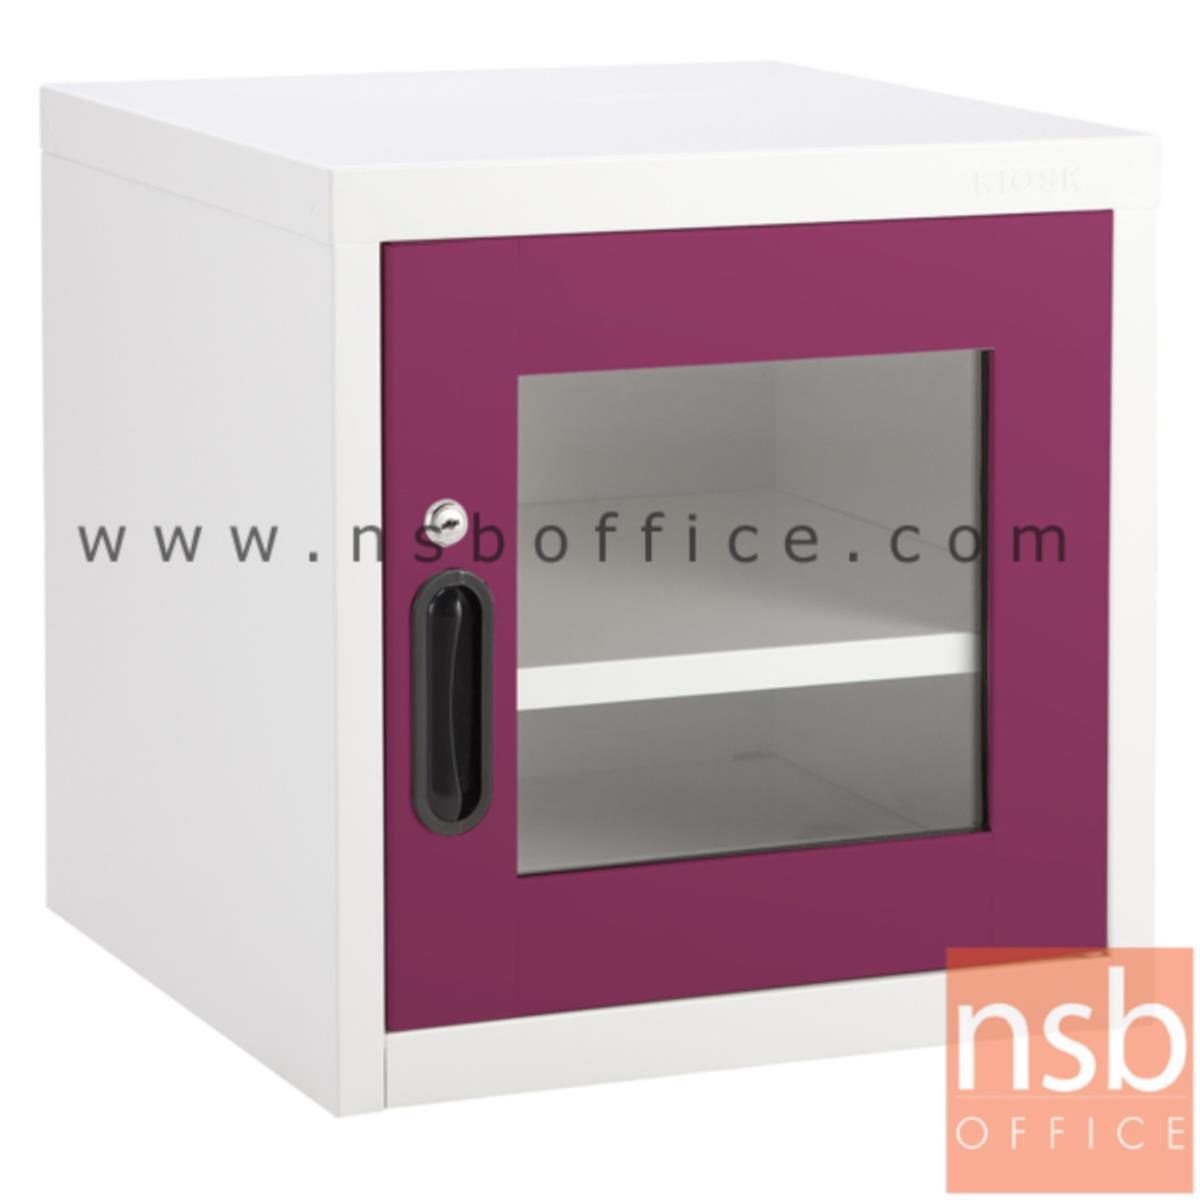 ตู้เหล็ก 1 บานเปิดกระจก หน้าบานสีสัน 44W*40.7D*44H cm รุ่น UNI-2